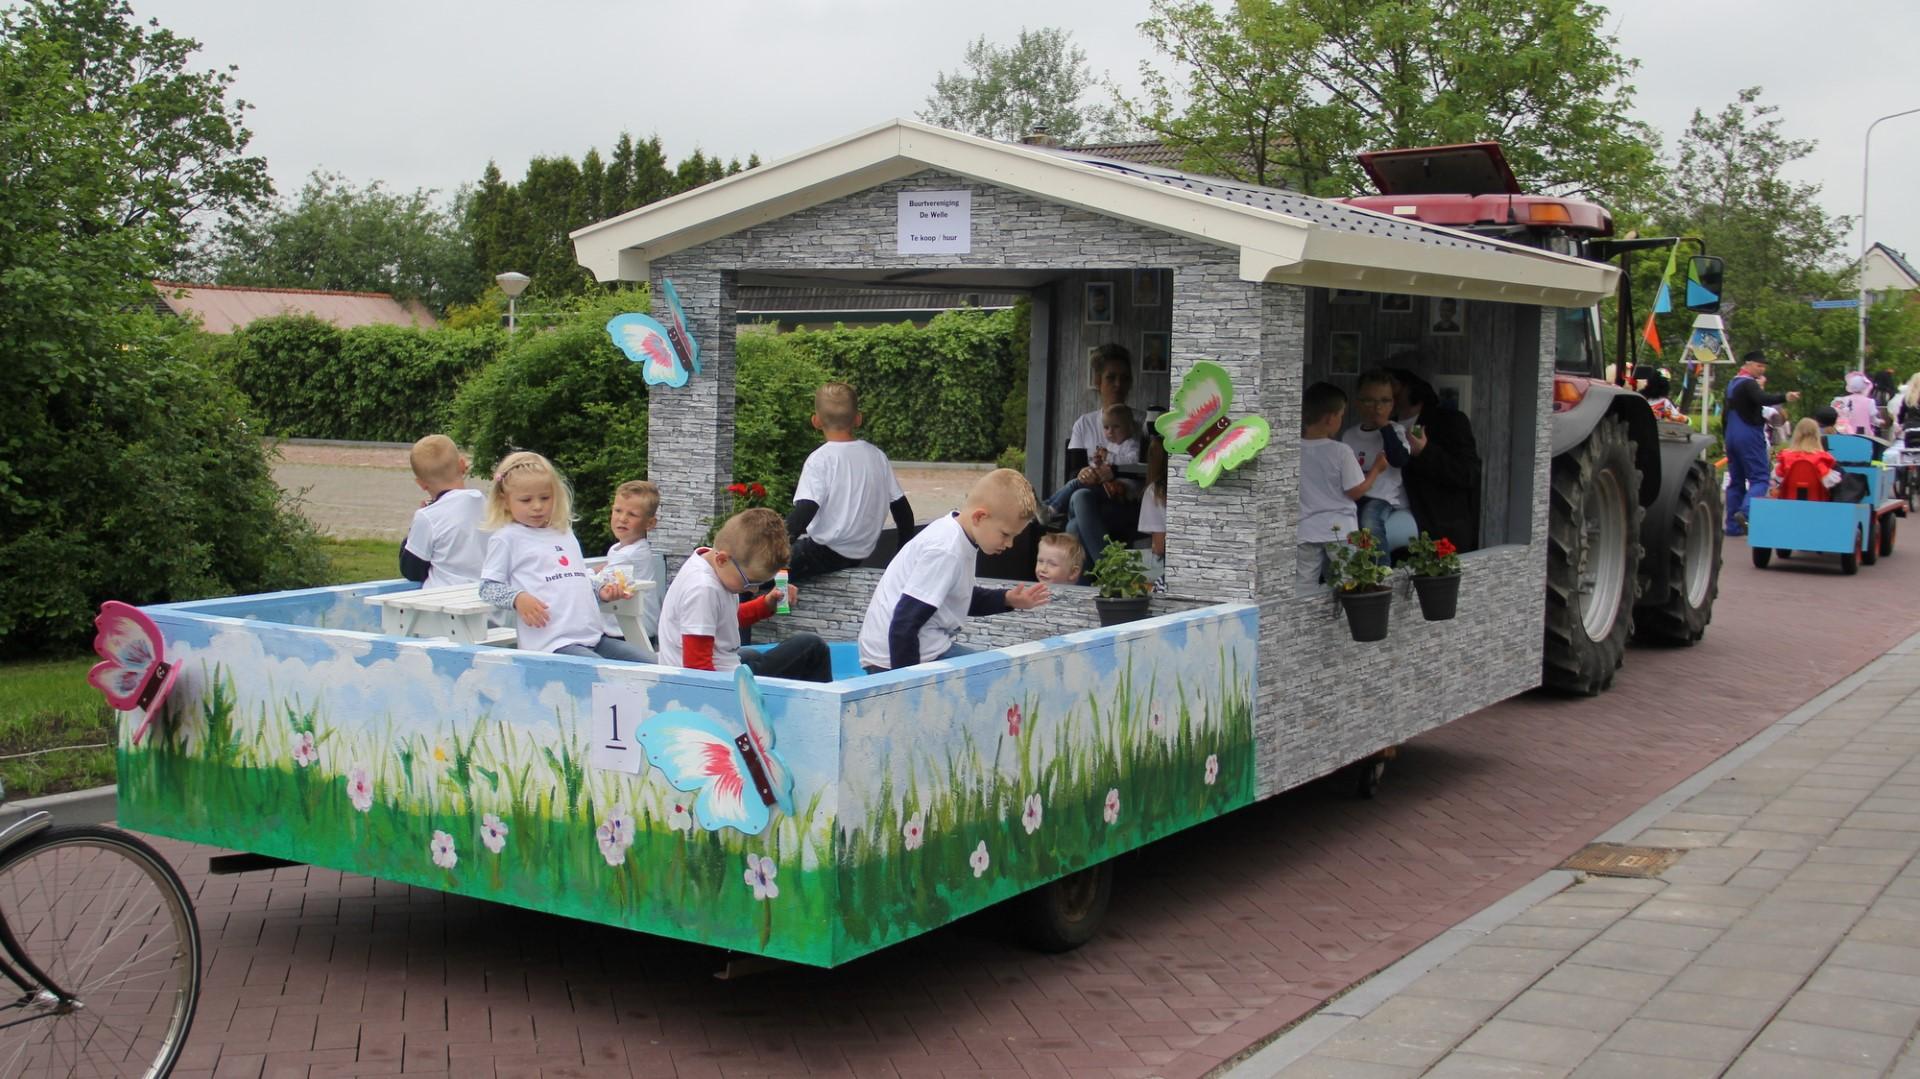 Photo of Grote optocht versierde wagens door Twijzelerheide